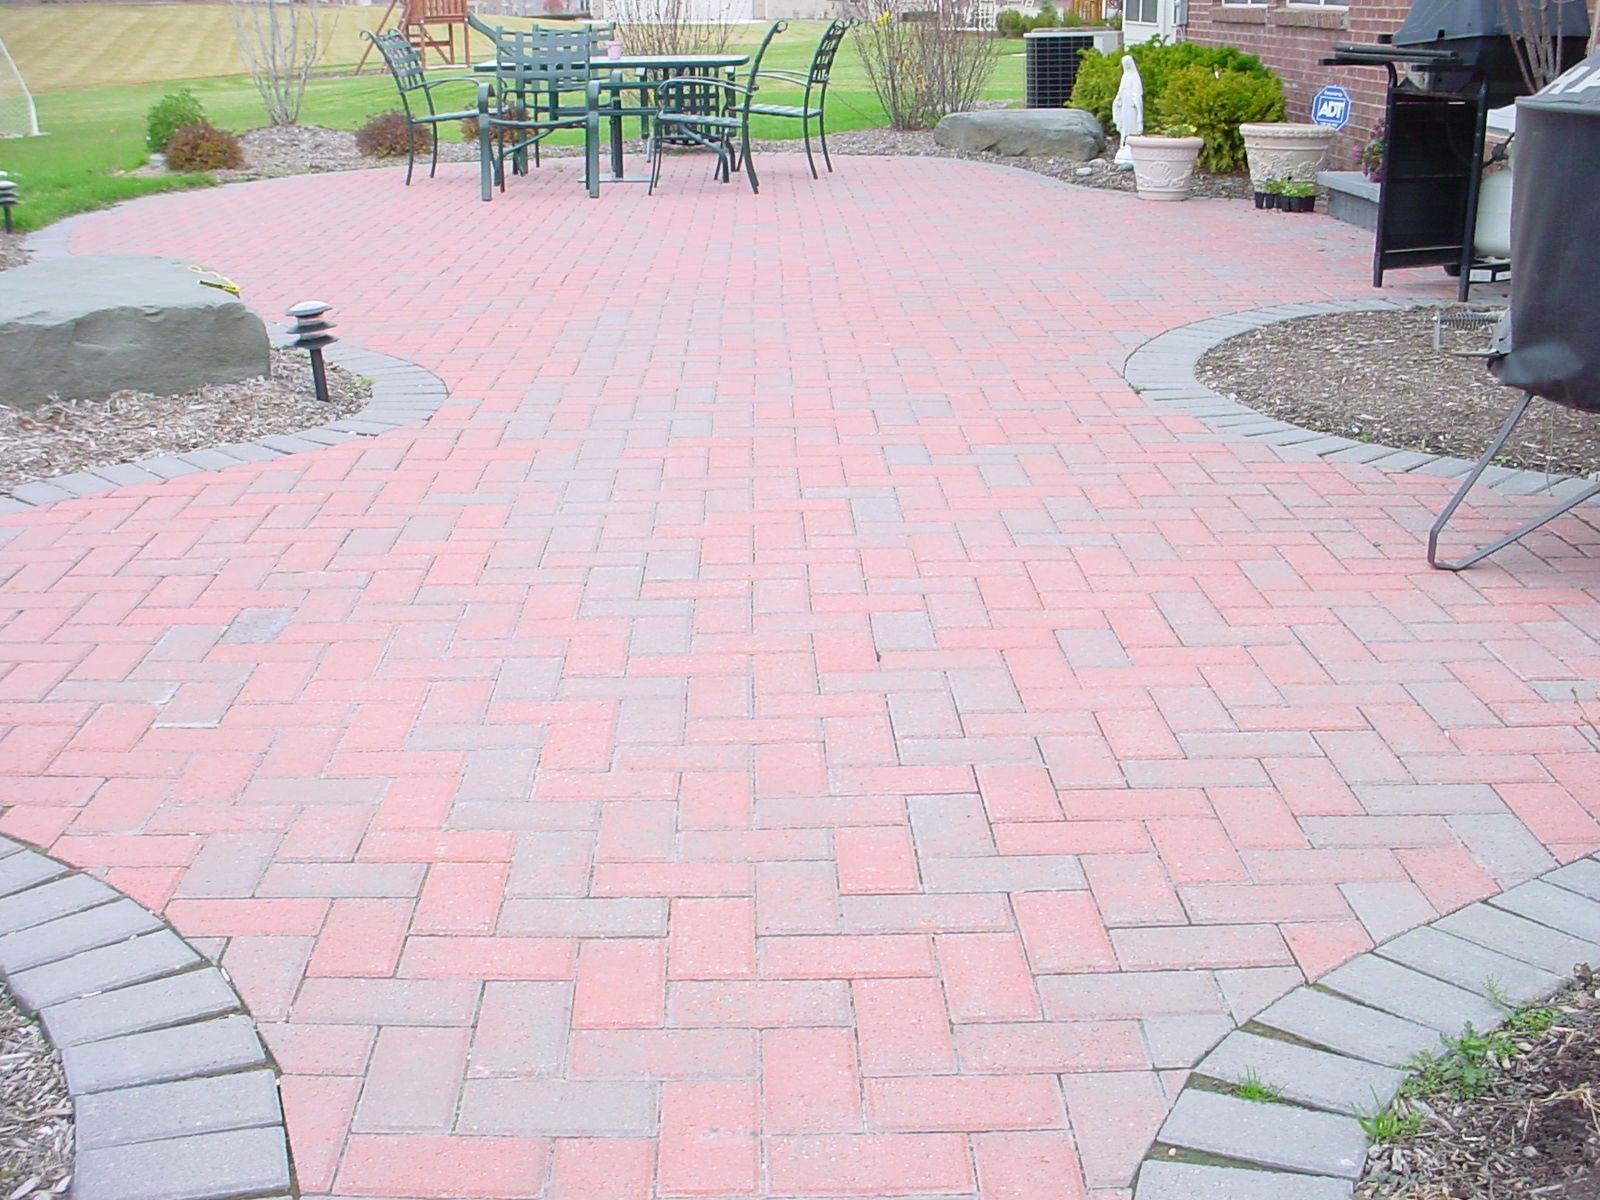 Red Hollandstone Brick Paver Patio Patio Paver Patio Brick Pavers